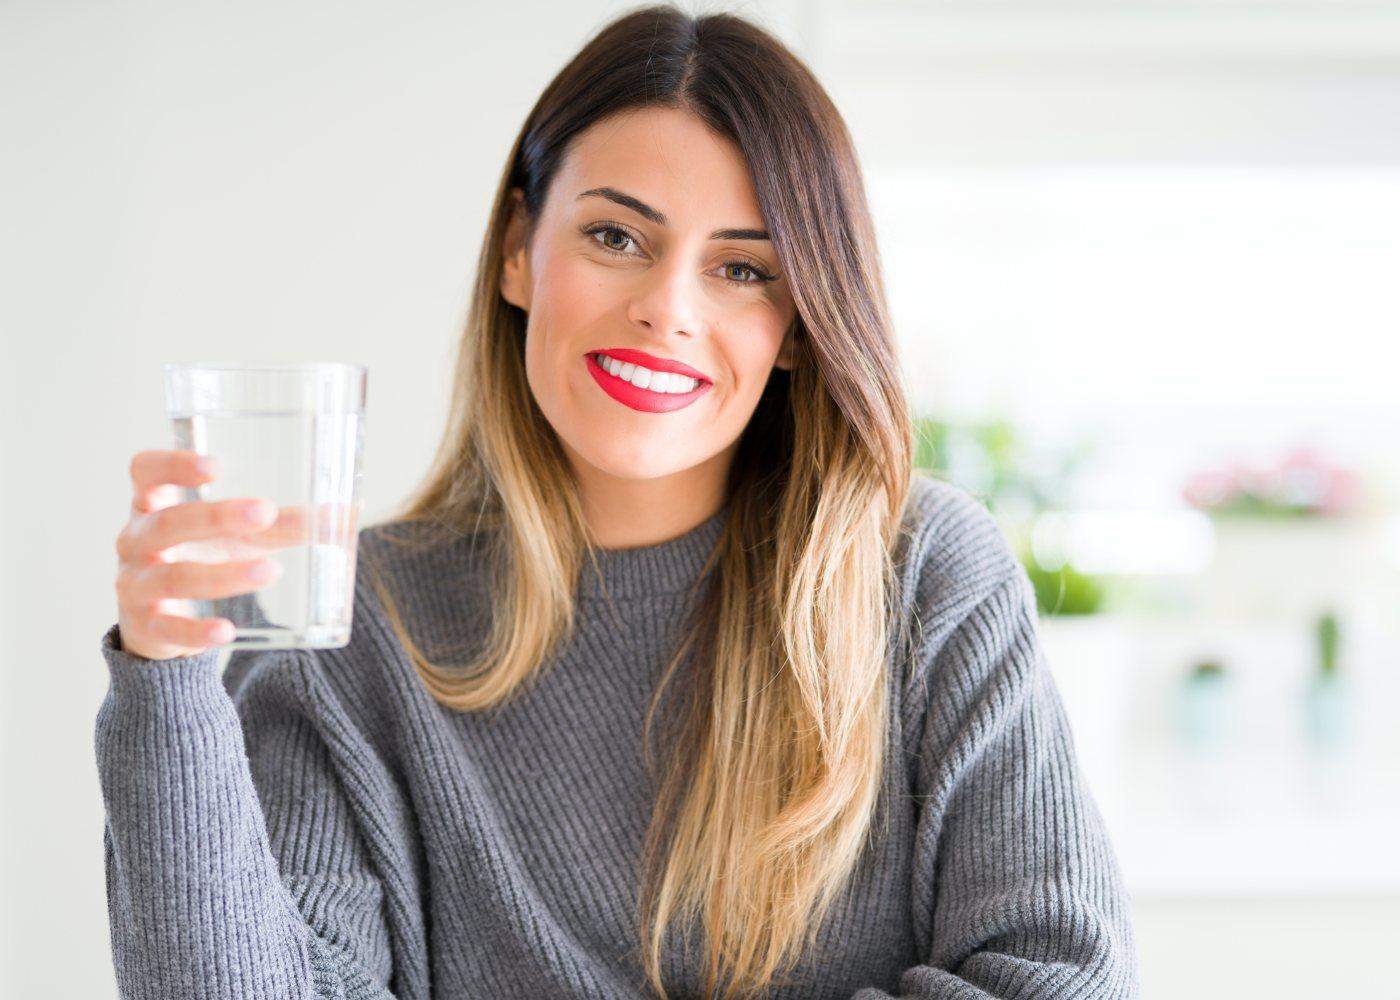 Mulher com copo de água